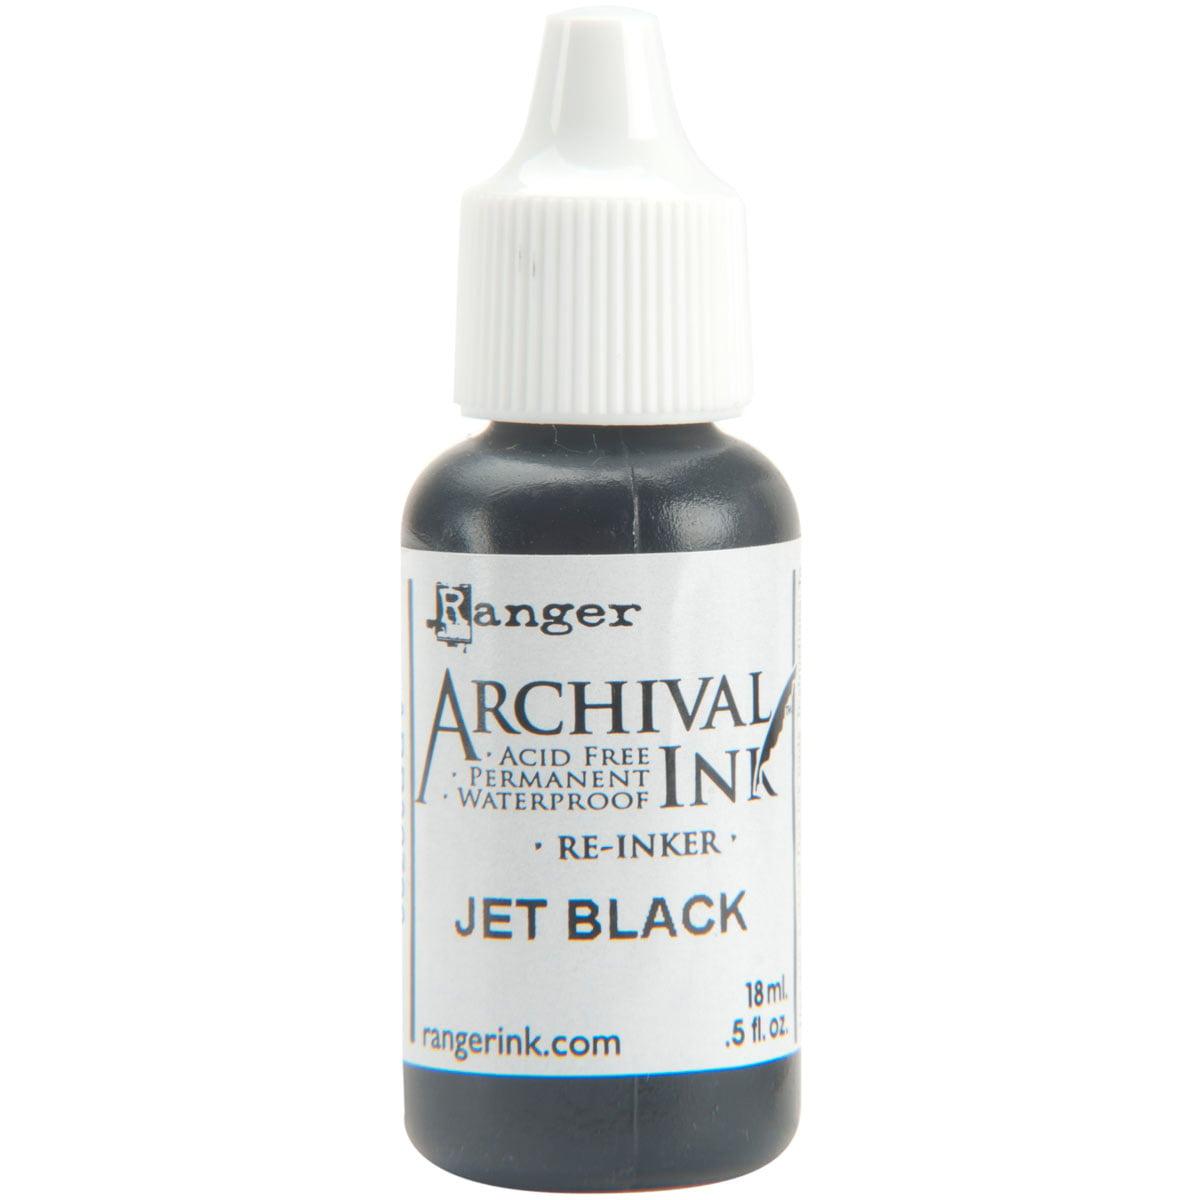 Ranger 478008 archives Reinker .5 once-Jet Black - image 1 de 1